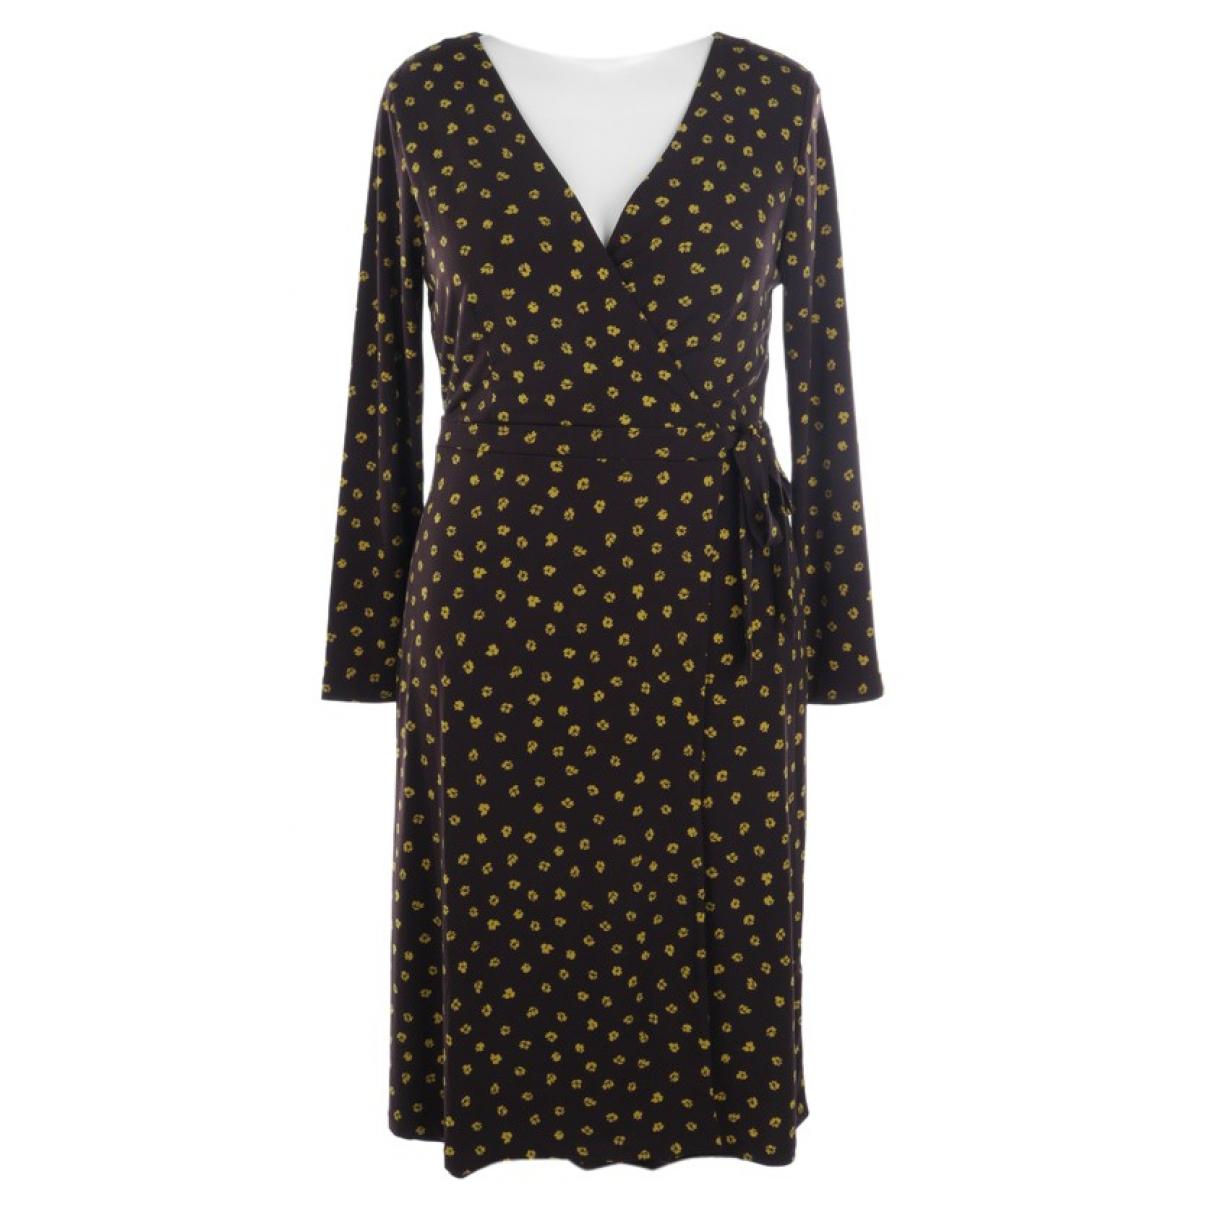 Rachel Zoe \N Brown dress for Women L International